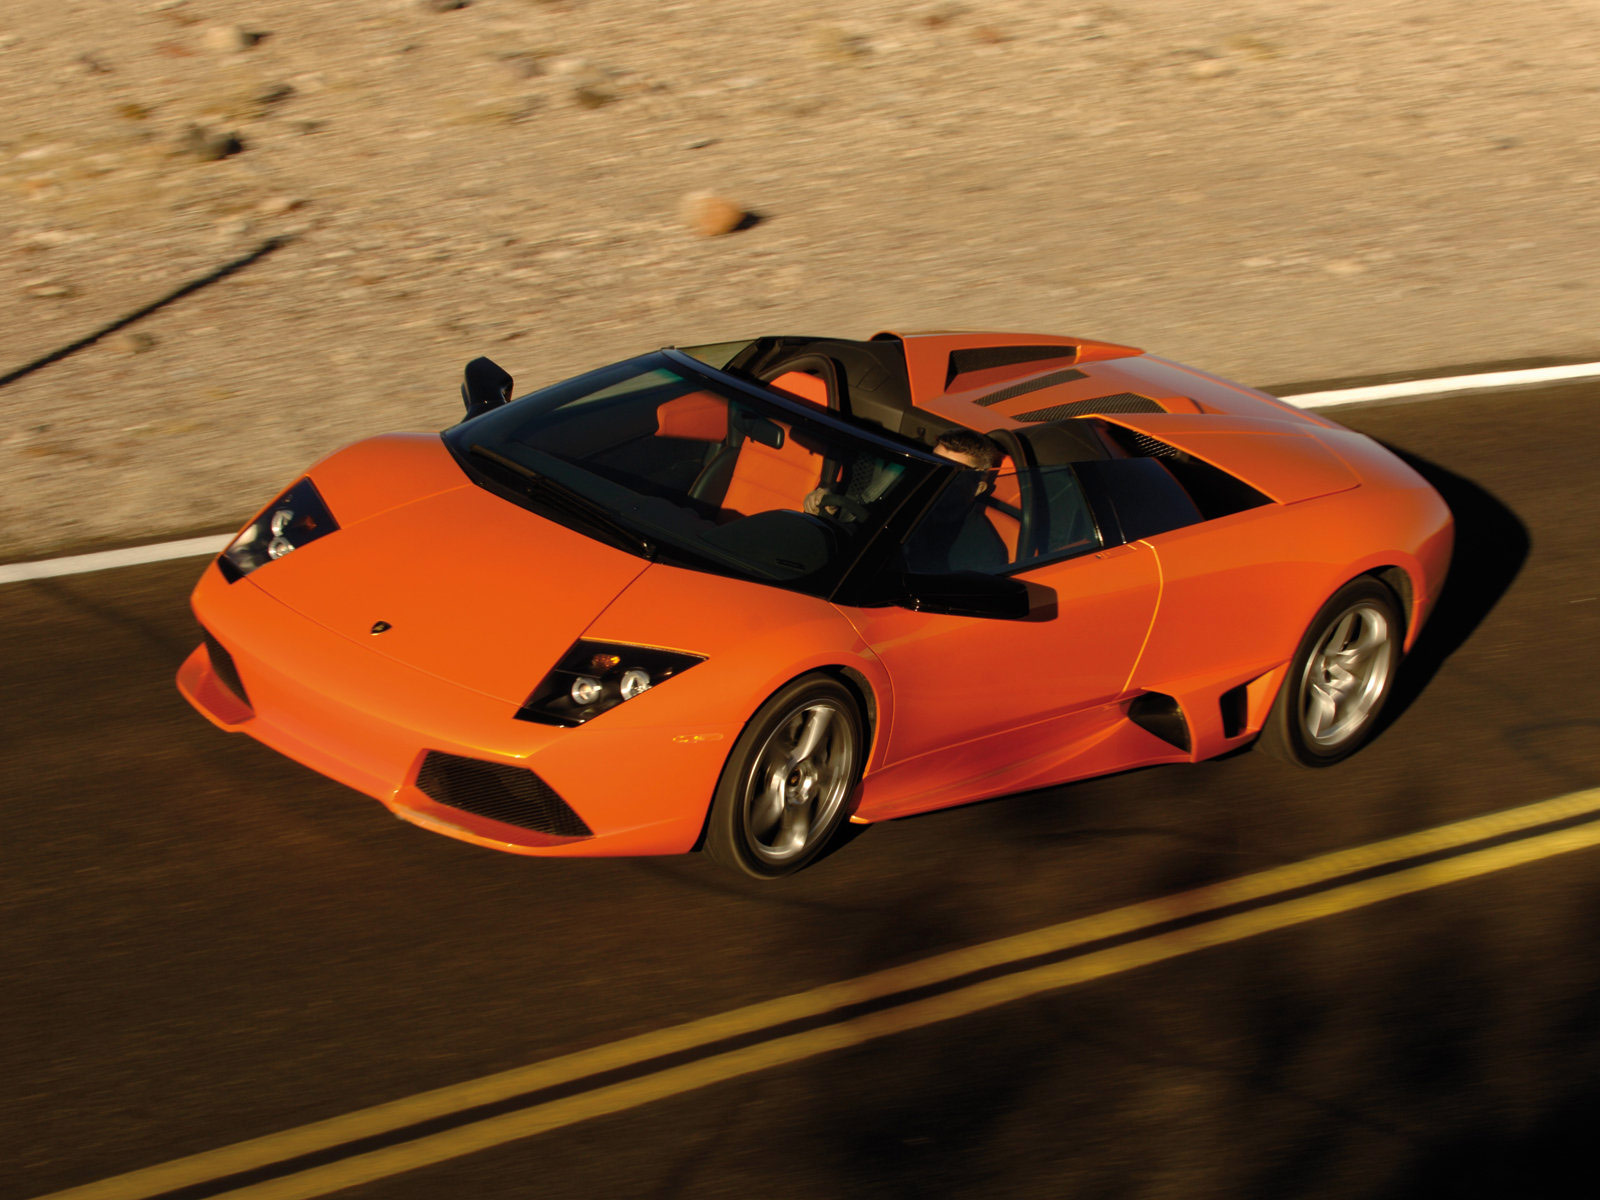 2007 Lamborghini Murcielago Lp640 Roadster Pictures Specs